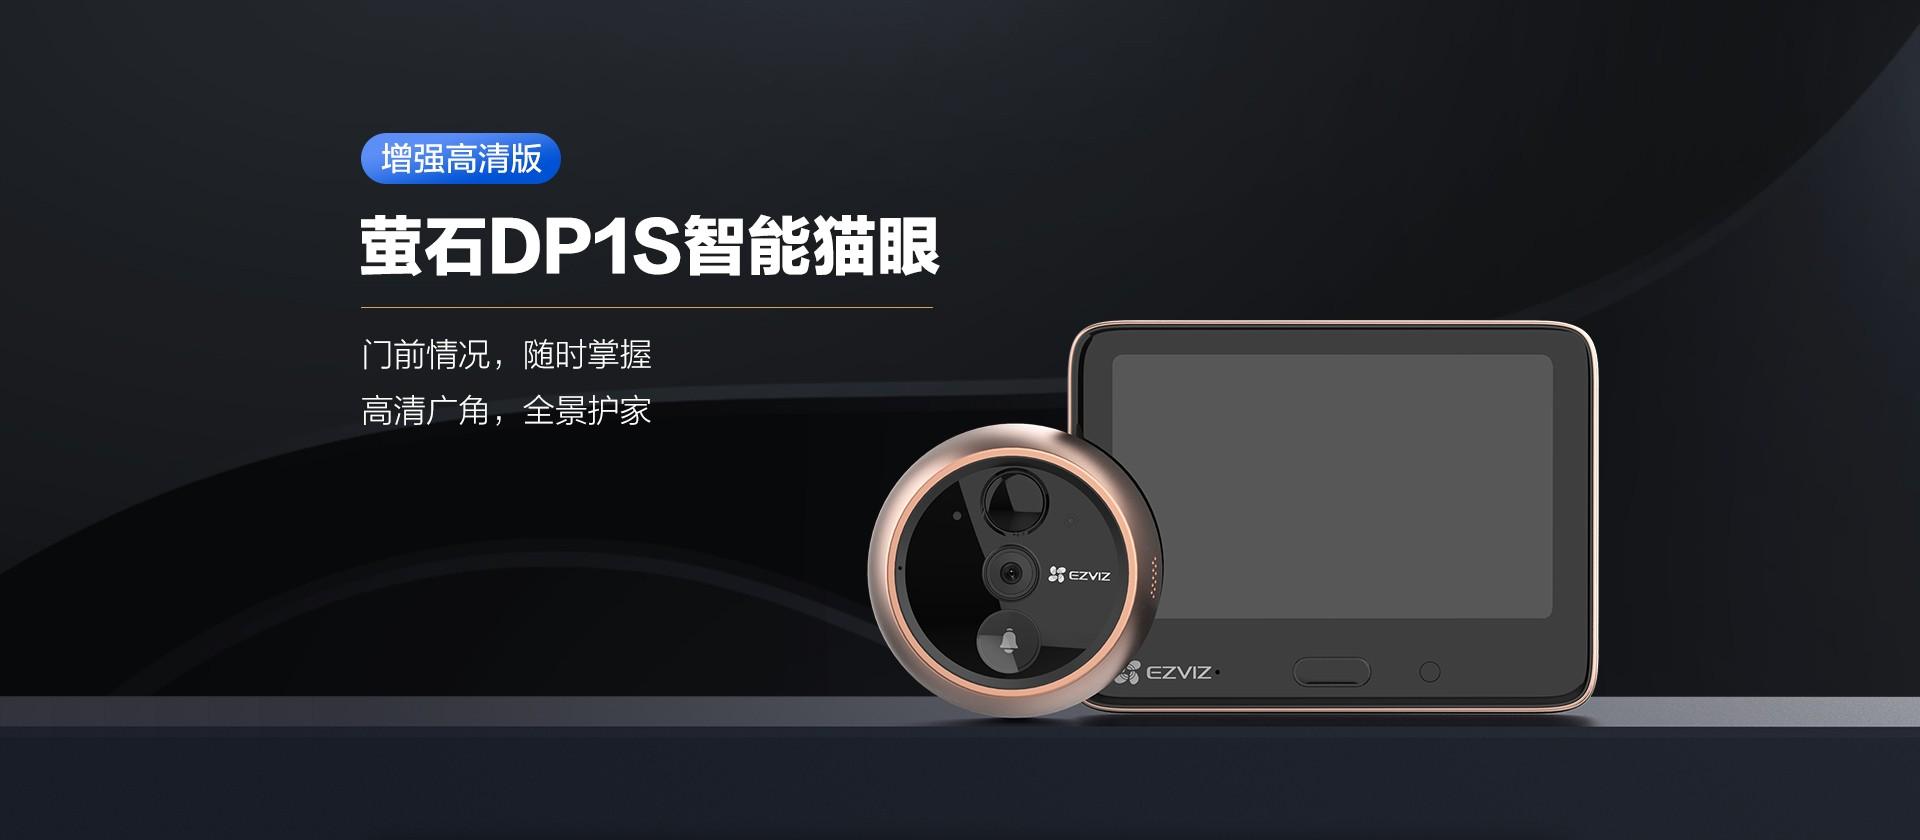 DP1S-web_01.jpg